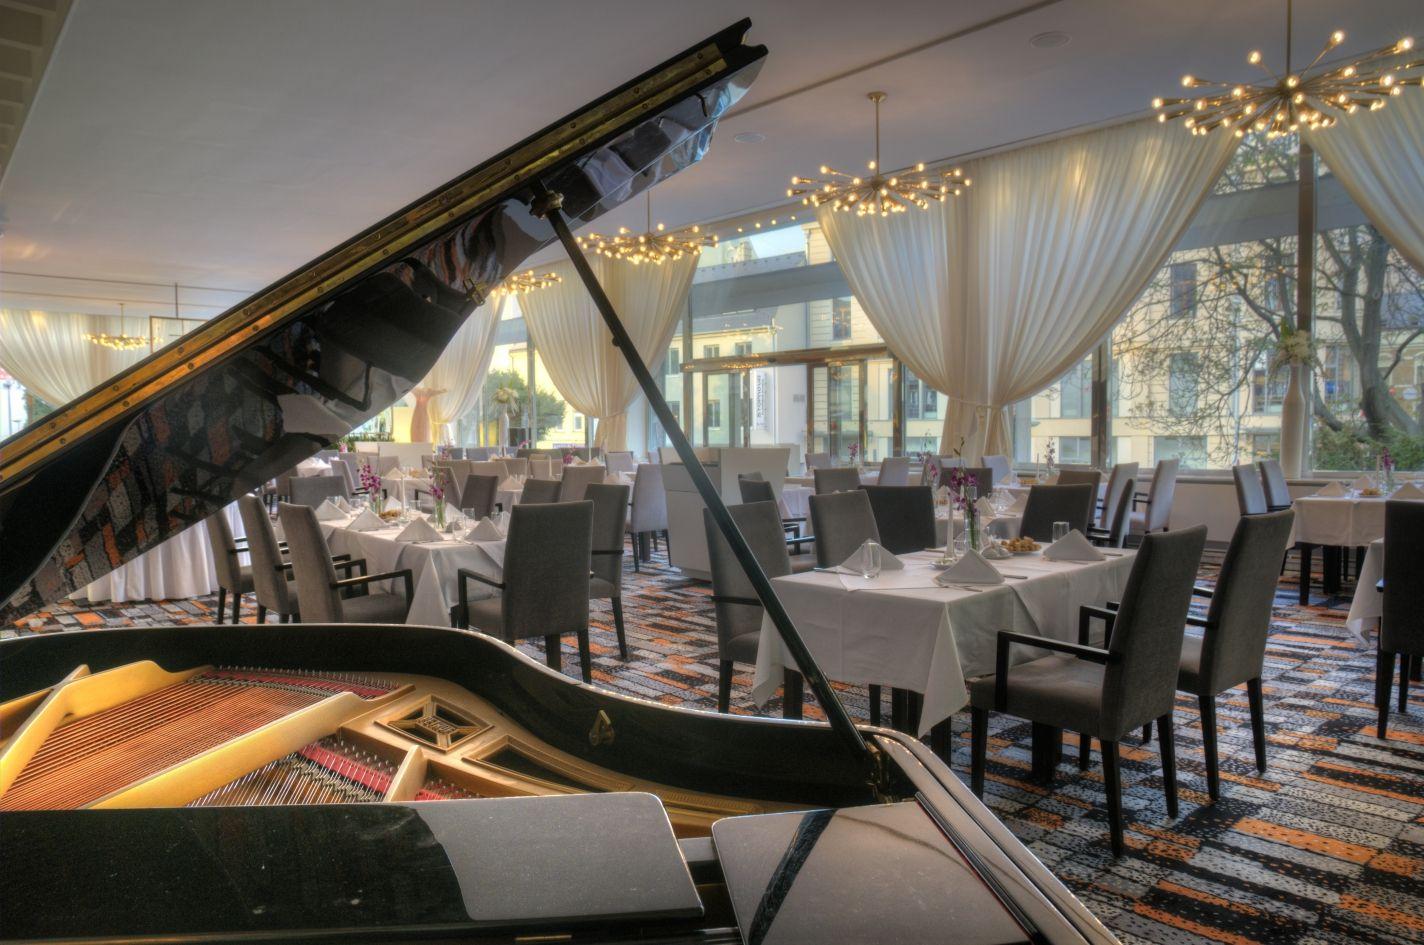 Hotel International v Brně, restaurace Lucullus